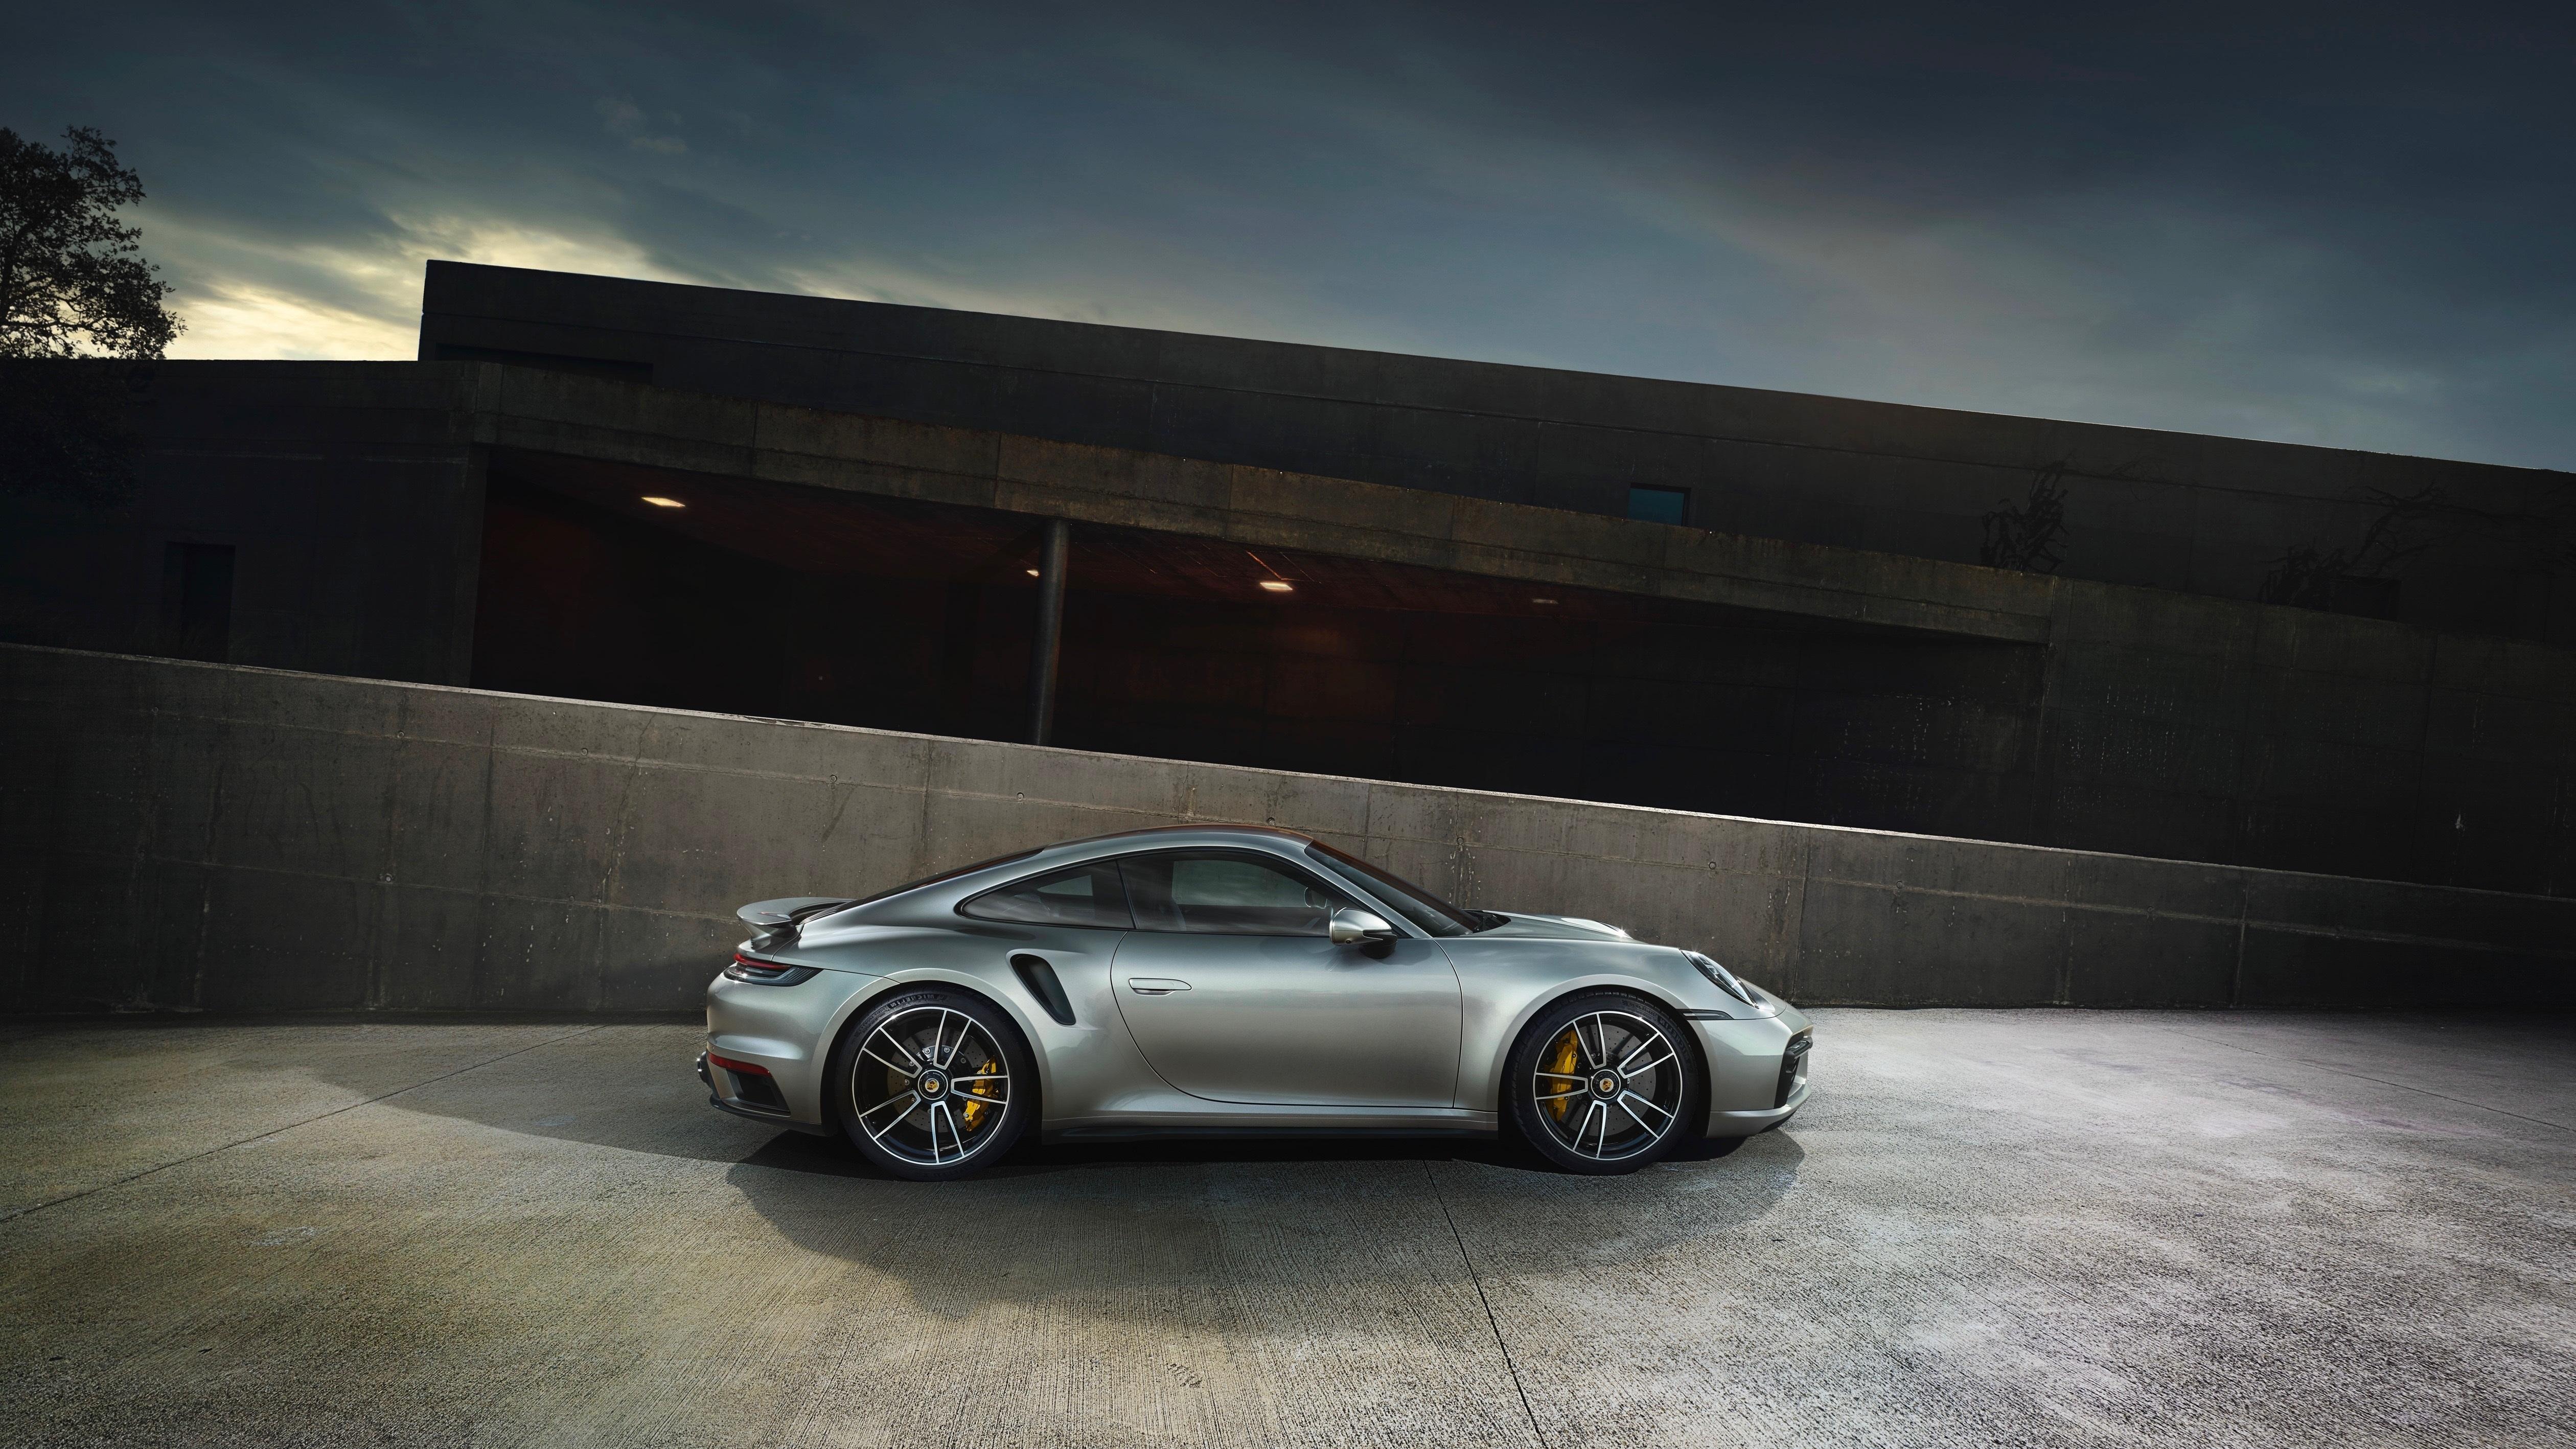 2021 Porsche 911 Turbo S Wallpaper Hd Noolyo Com